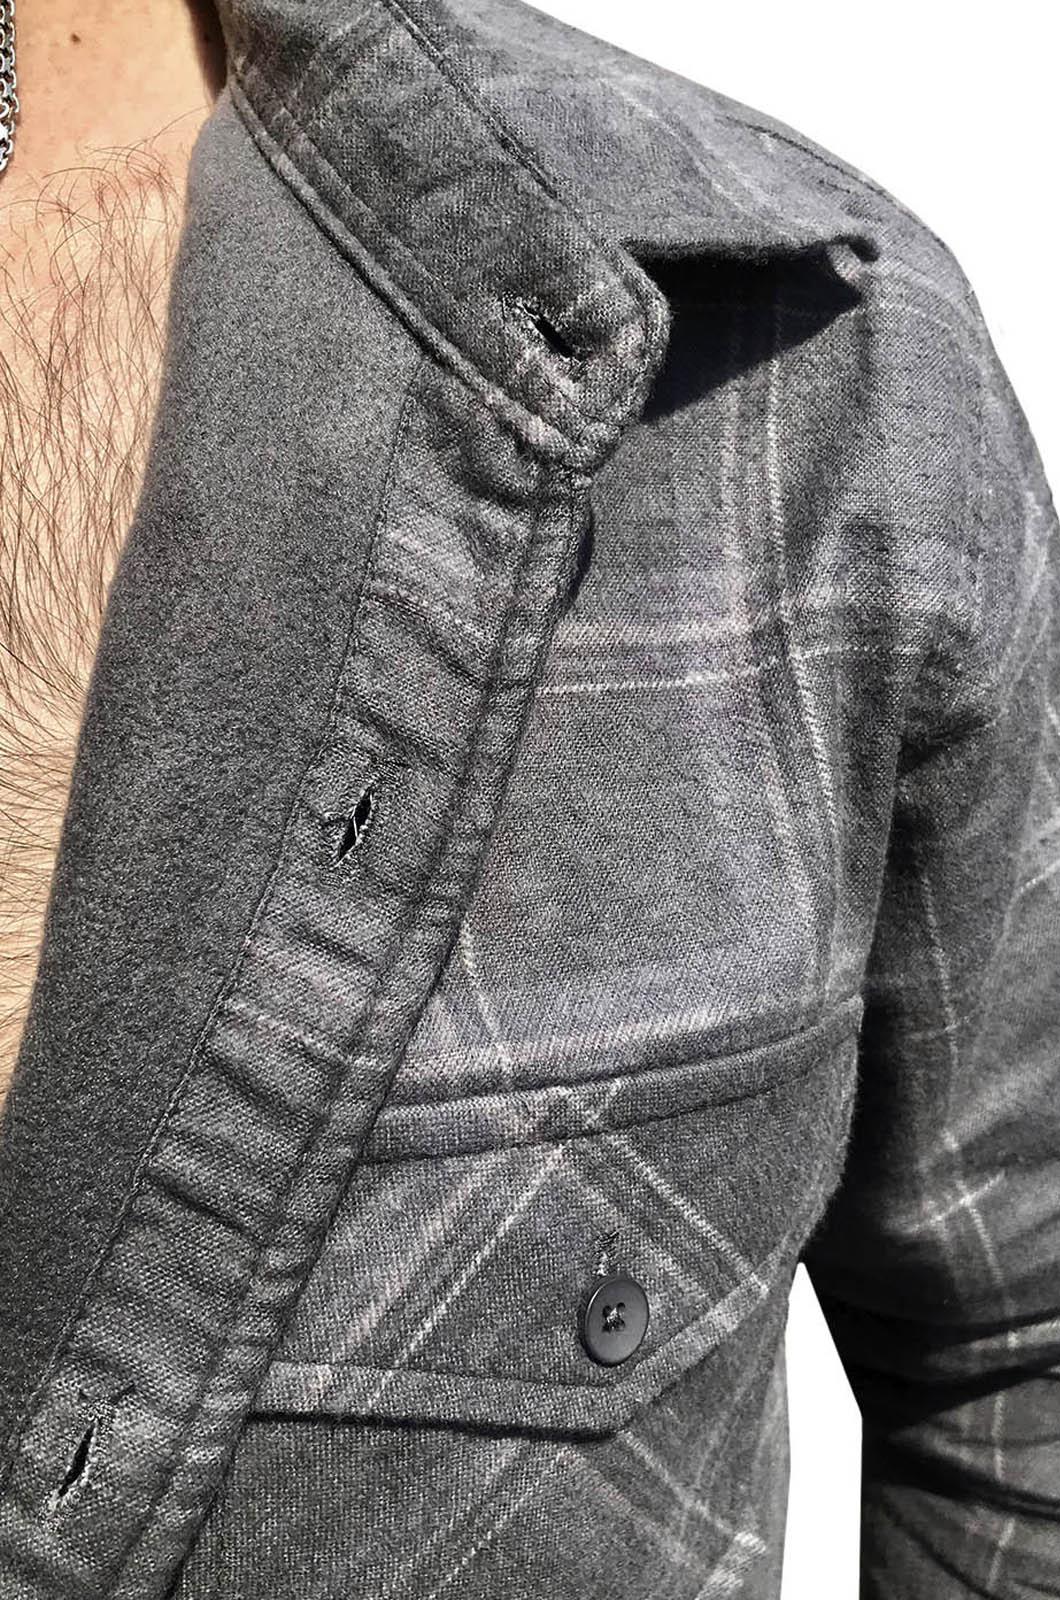 Надежная рубашка с вышитым казачьим шевроном Елень - заказать с доставкой